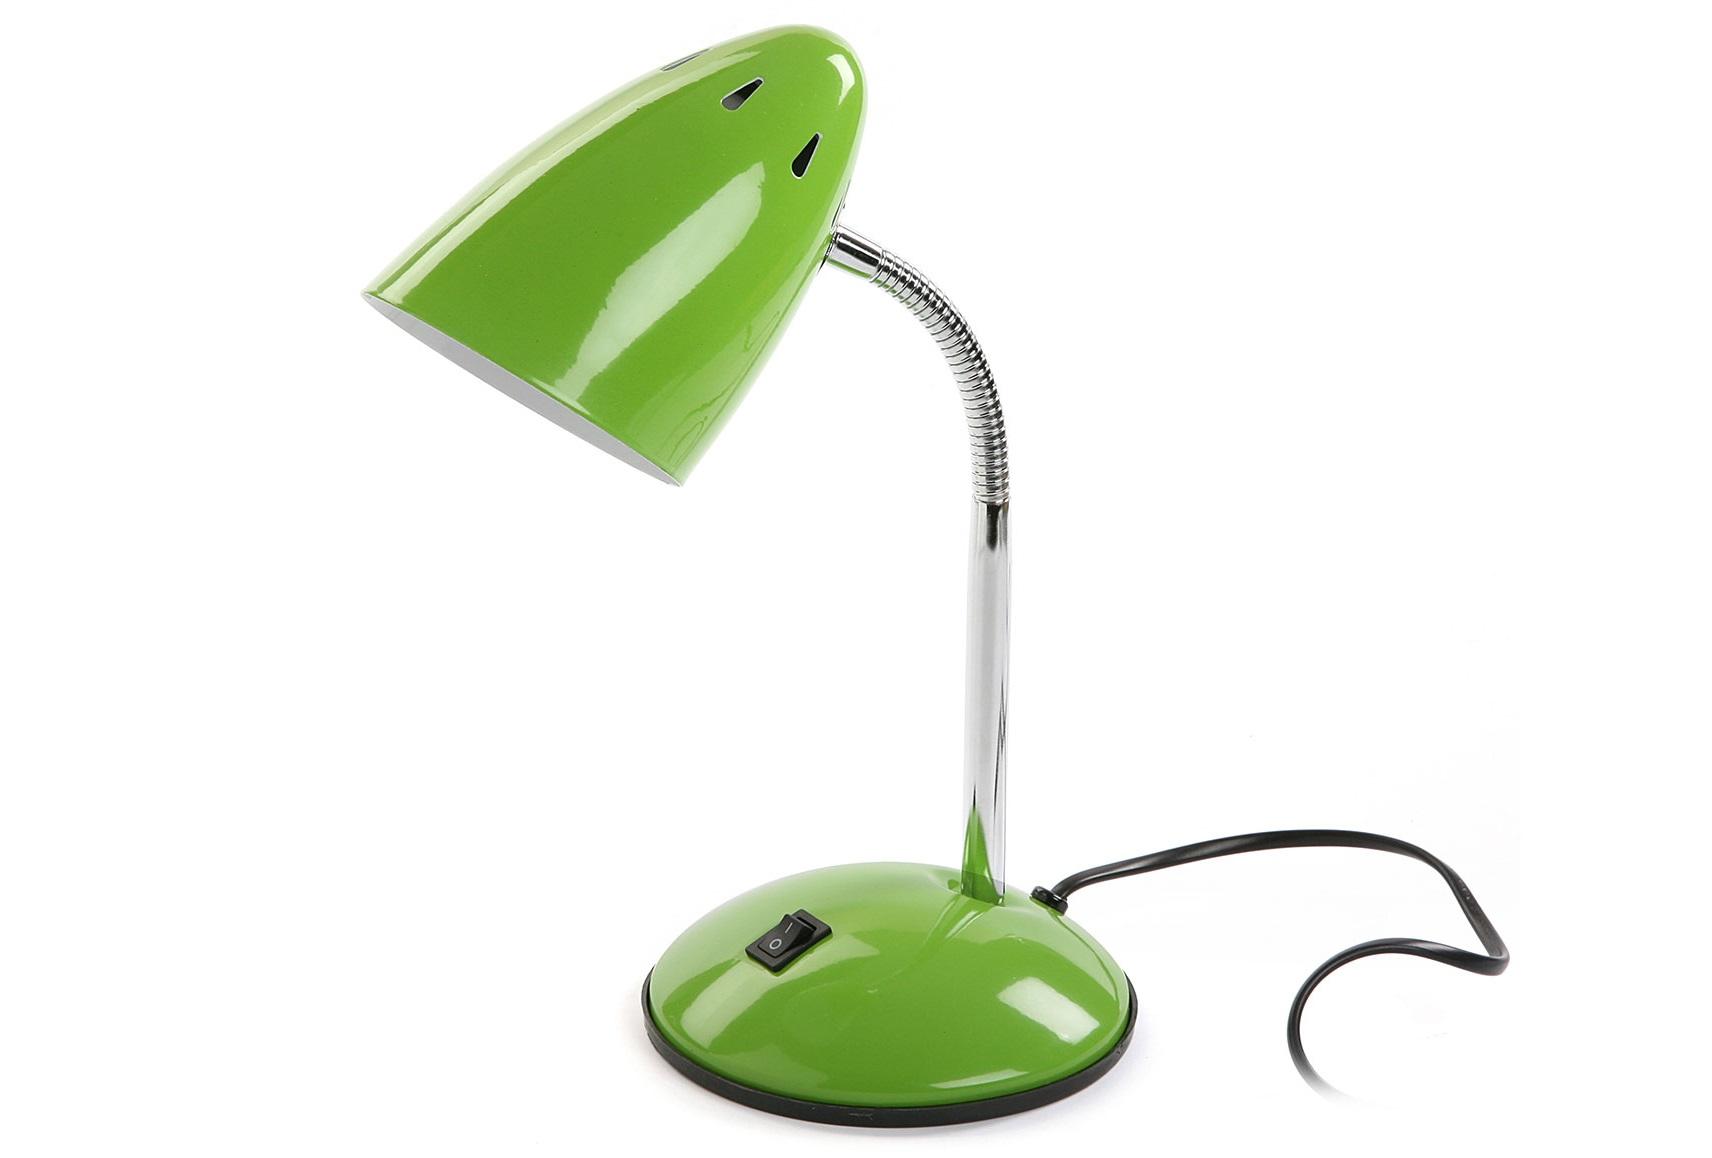 СветильникНастольные лампы<br>Вид цоколя: E14&amp;amp;nbsp;&amp;lt;div&amp;gt;Мощность: 40W&amp;amp;nbsp;&amp;lt;/div&amp;gt;&amp;lt;div&amp;gt;Количество ламп: 1&amp;lt;/div&amp;gt;<br><br>Material: Металл<br>Ширина см: 23<br>Высота см: 35<br>Глубина см: 14